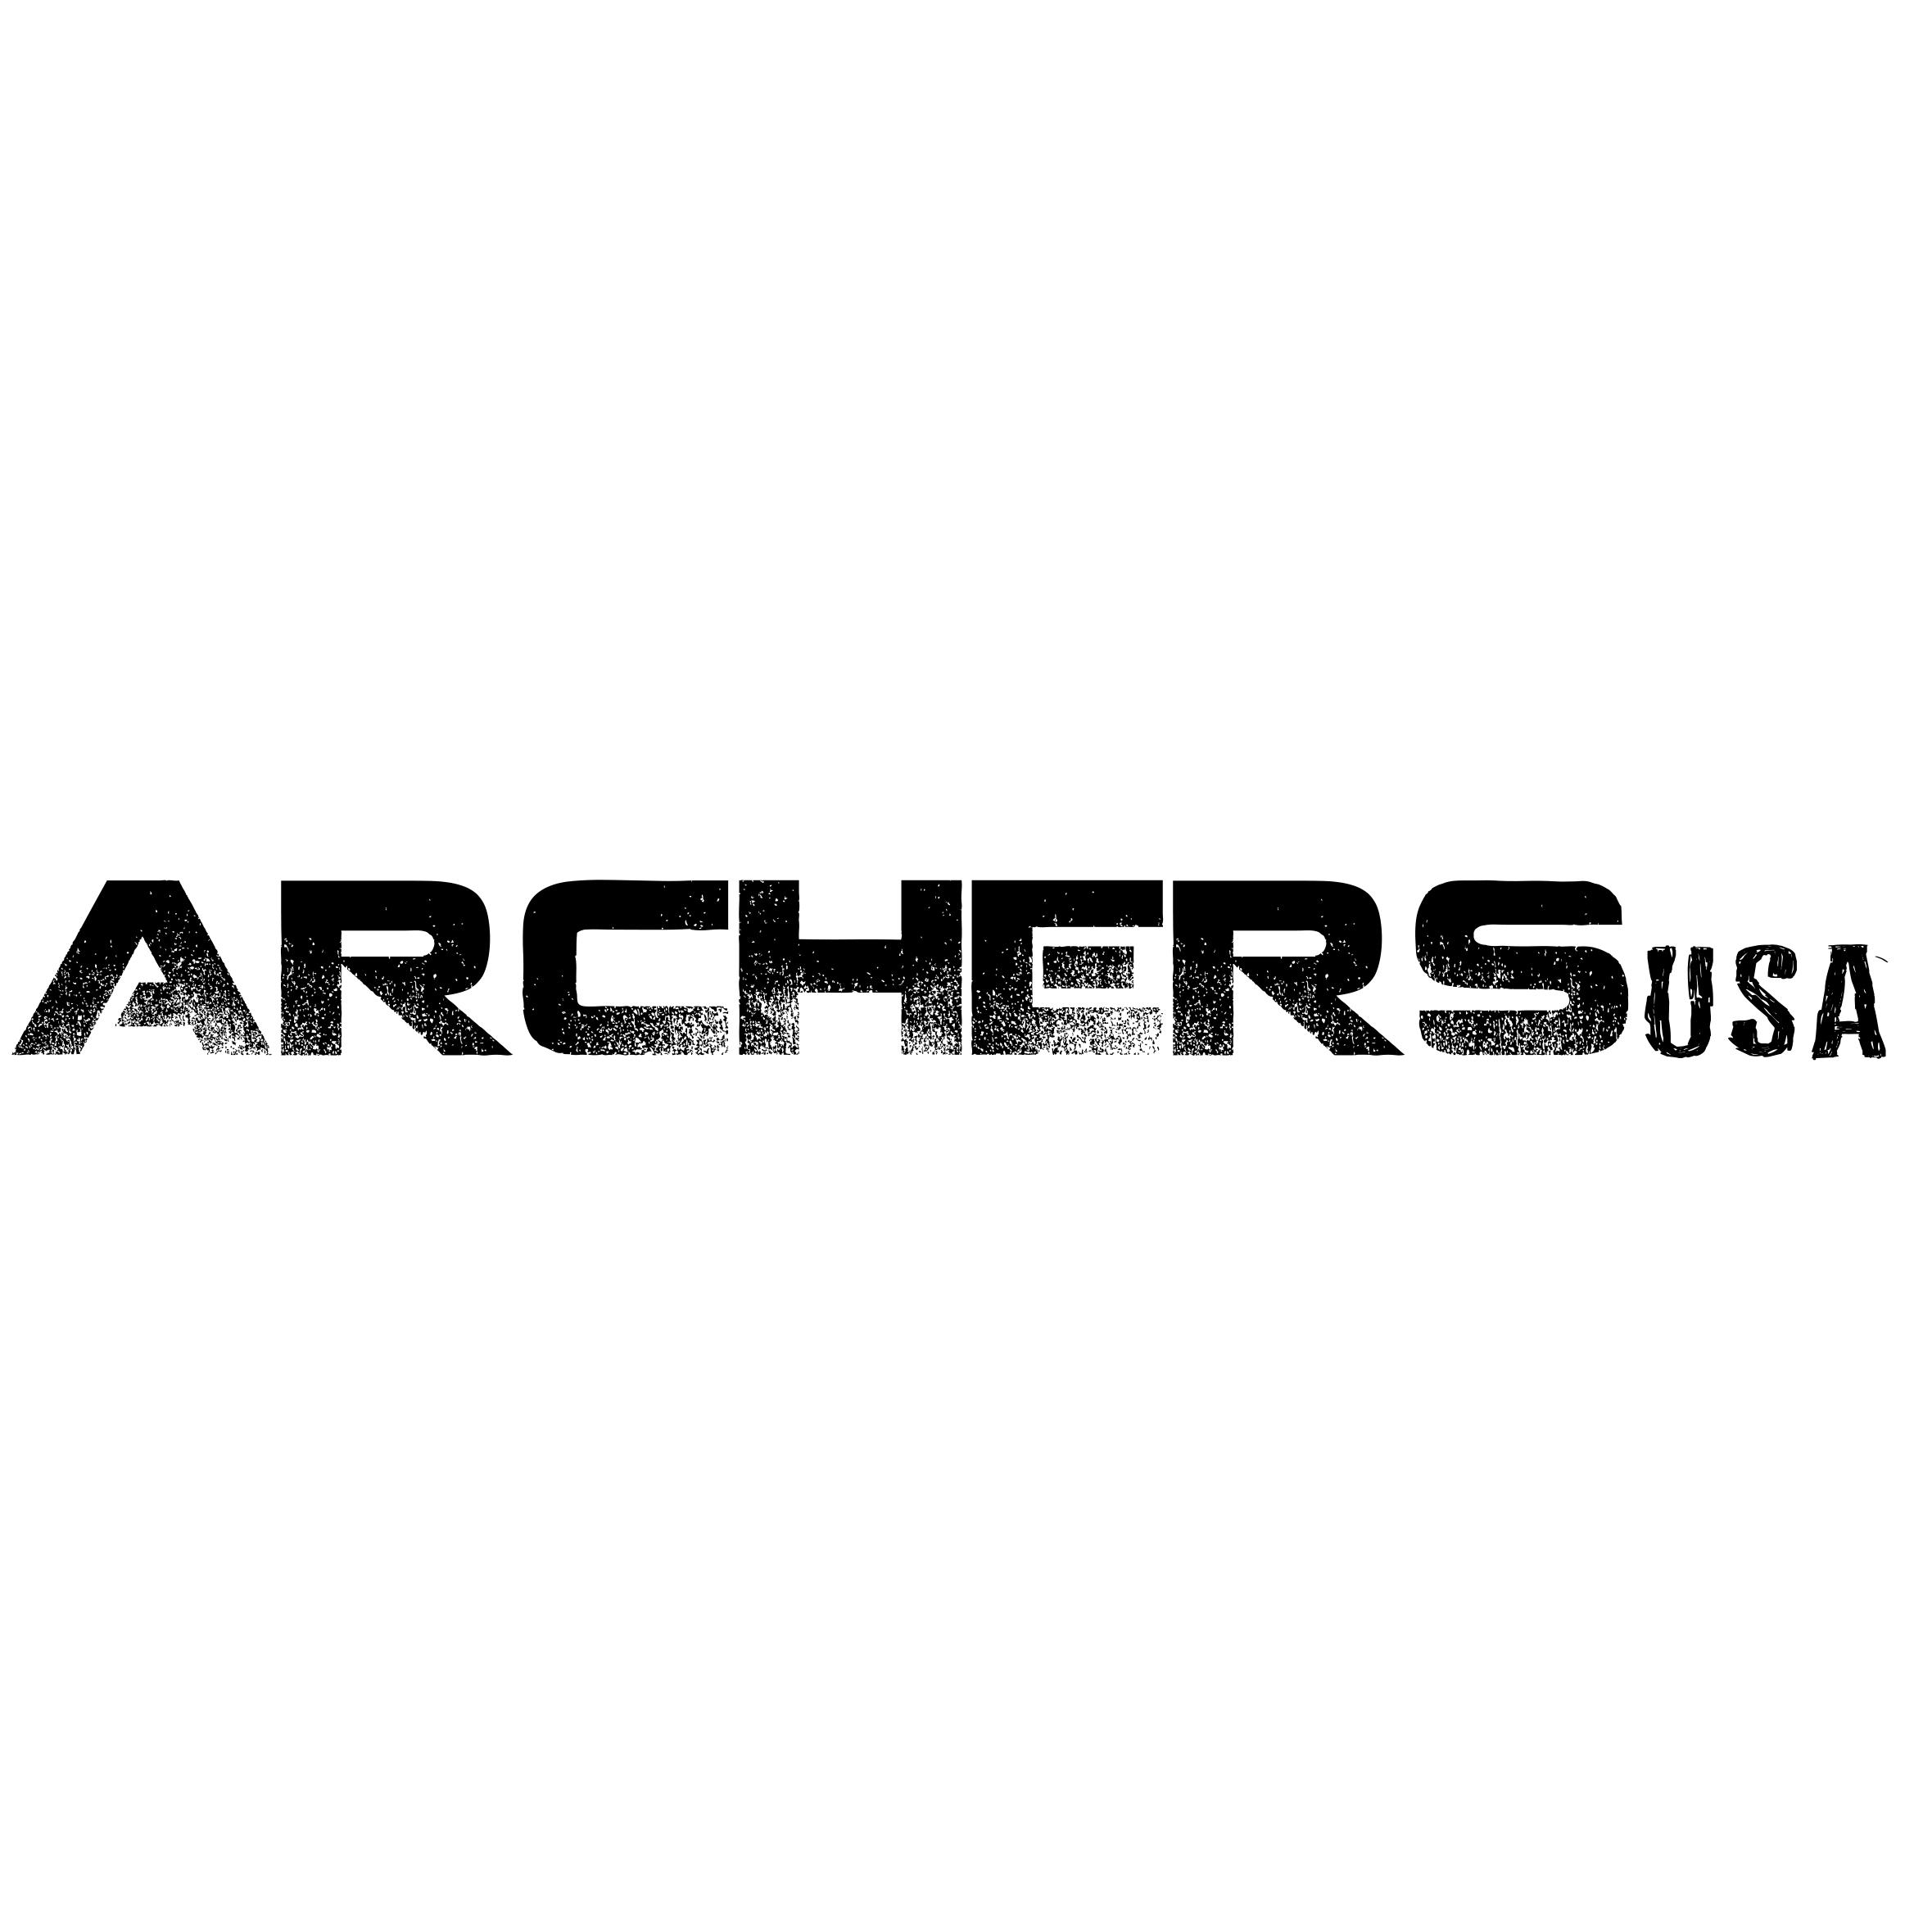 Archers USA - Alma, AR 72921 - (479)430-7390   ShowMeLocal.com